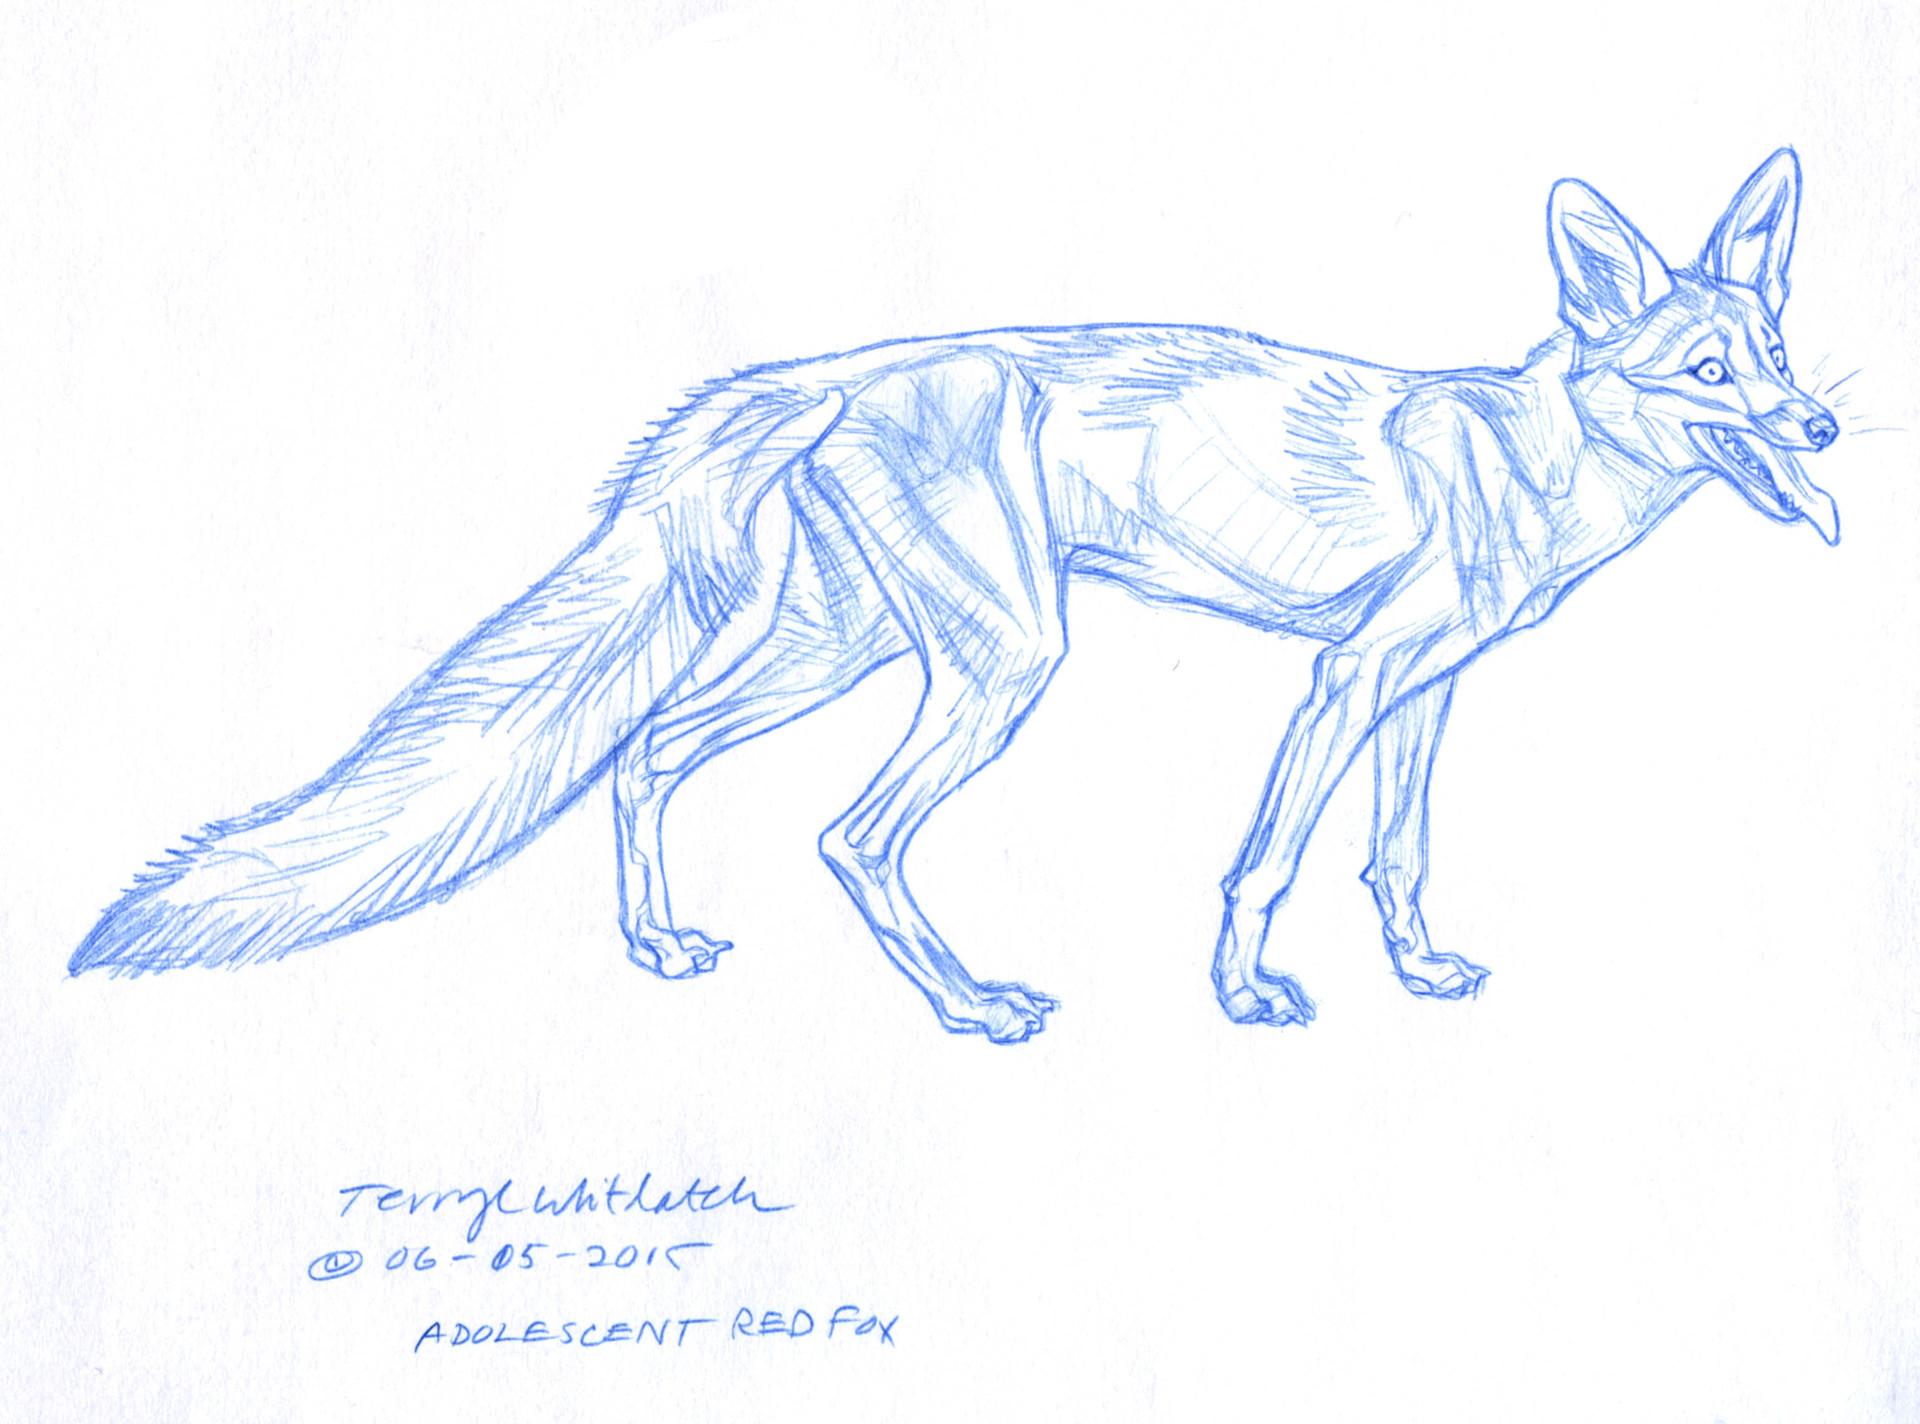 ArtStation - Animal Anatomy and Anatomy Sketchbook Studies, Terryl ...